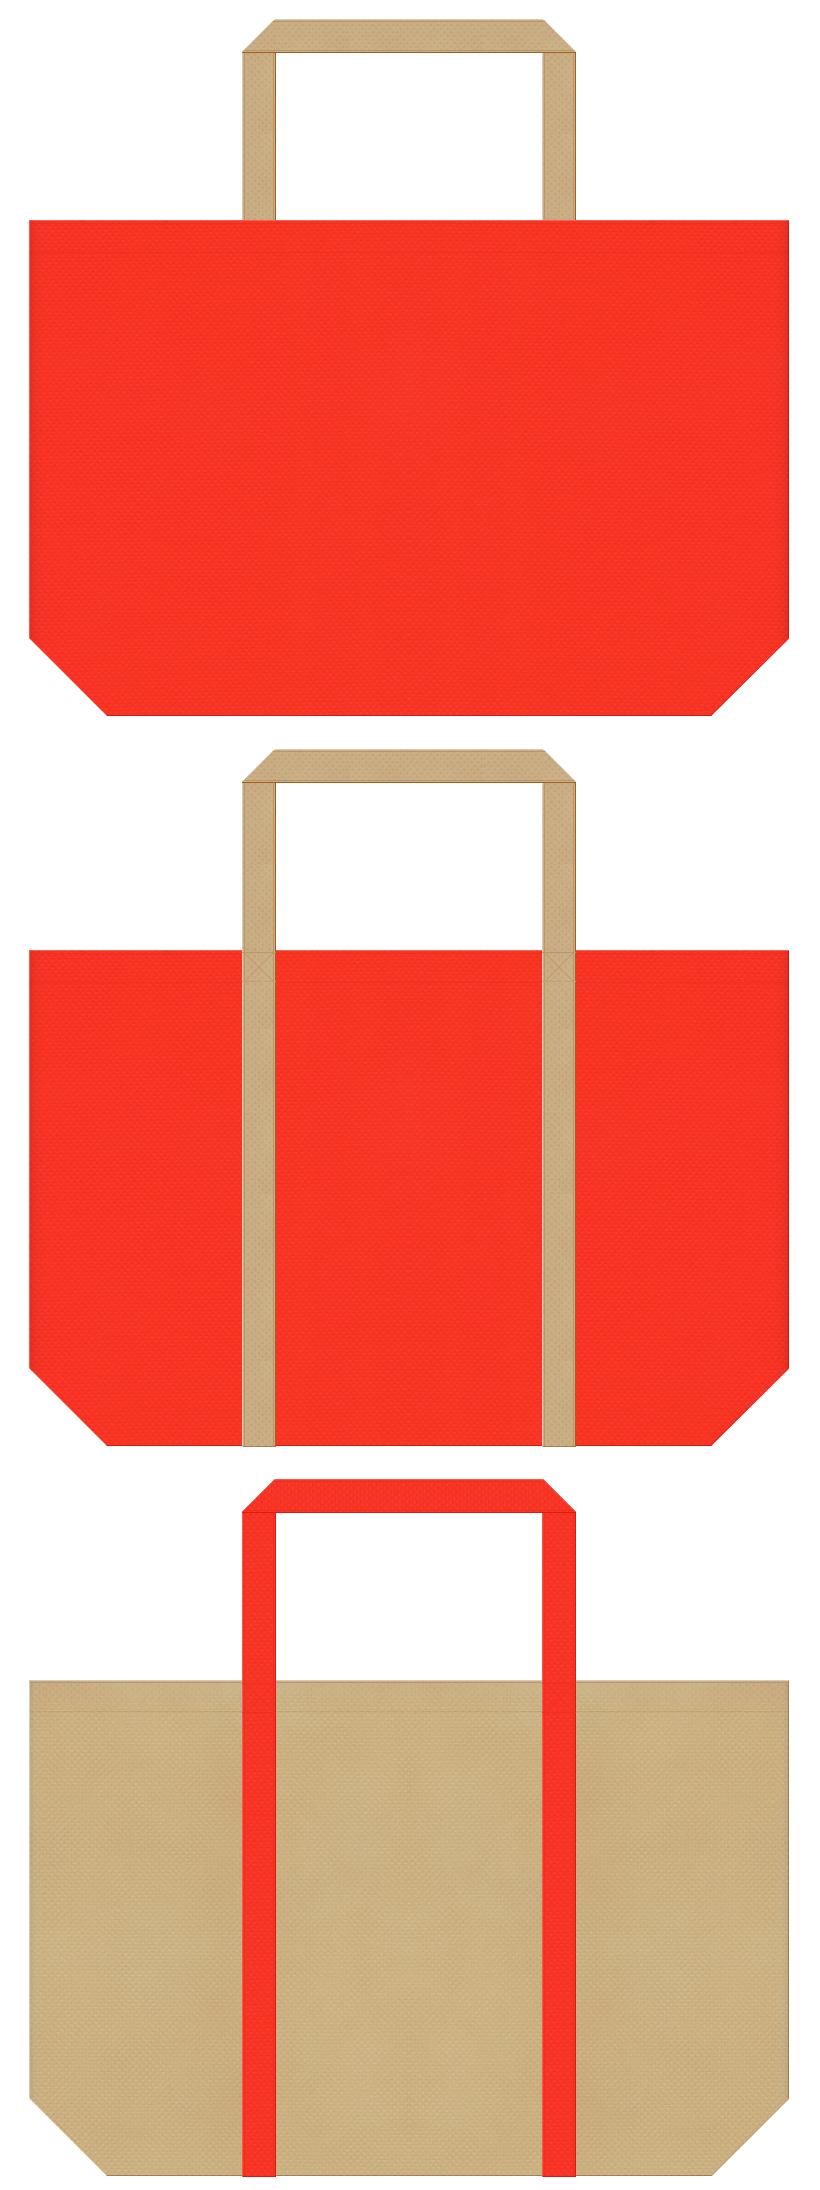 オニオンスープ・にんじん・サラダ油・調味料・お料理教室・ランチバッグにお奨めの不織布バッグデザイン:オレンジ色とカーキ色のコーデ